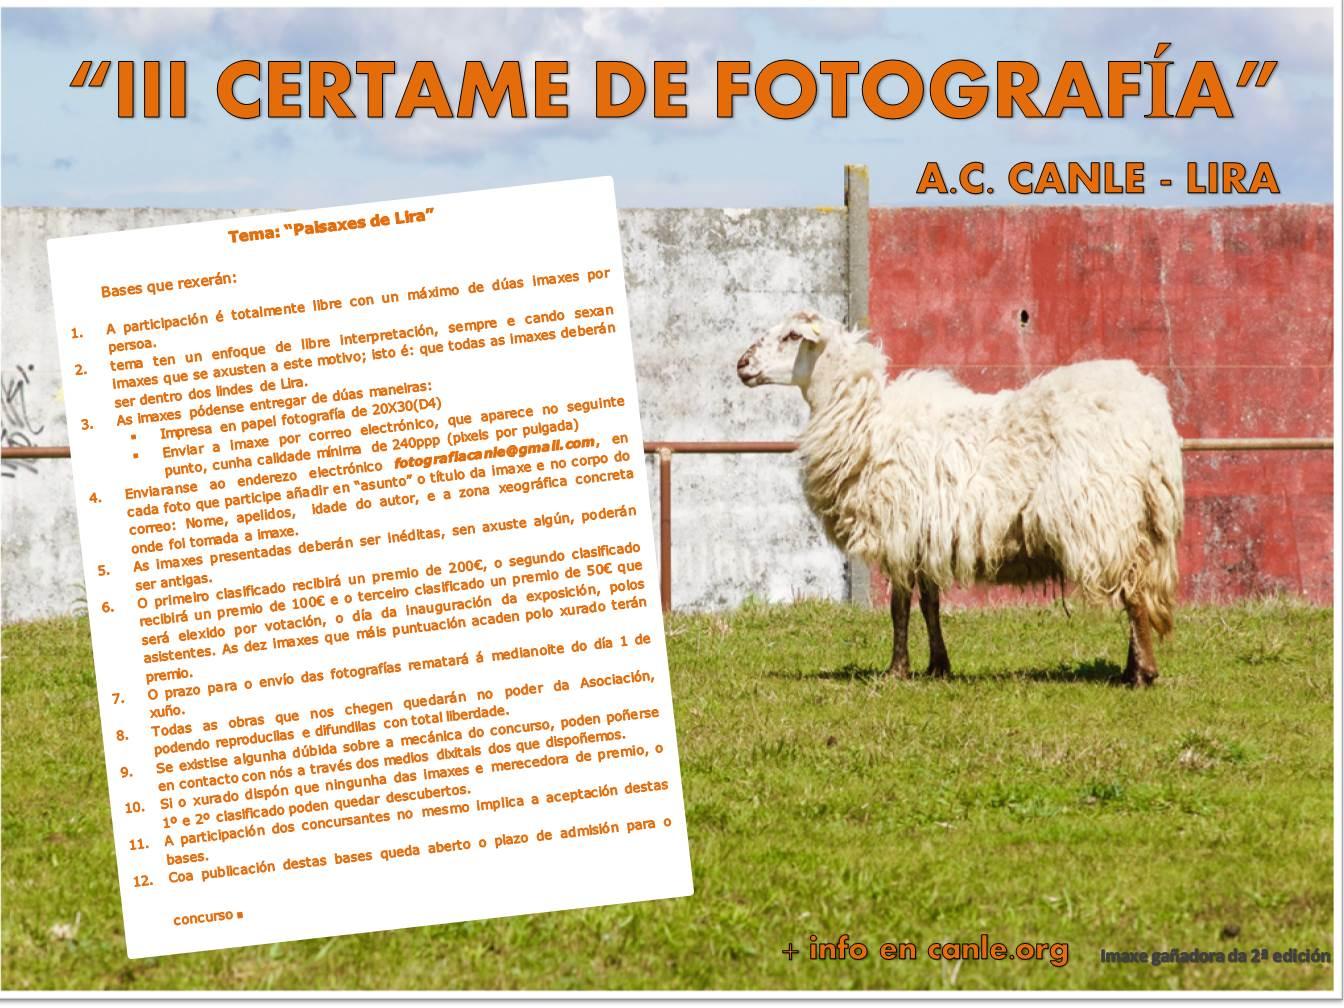 III CERTAME DE FOTOGRAFÍA